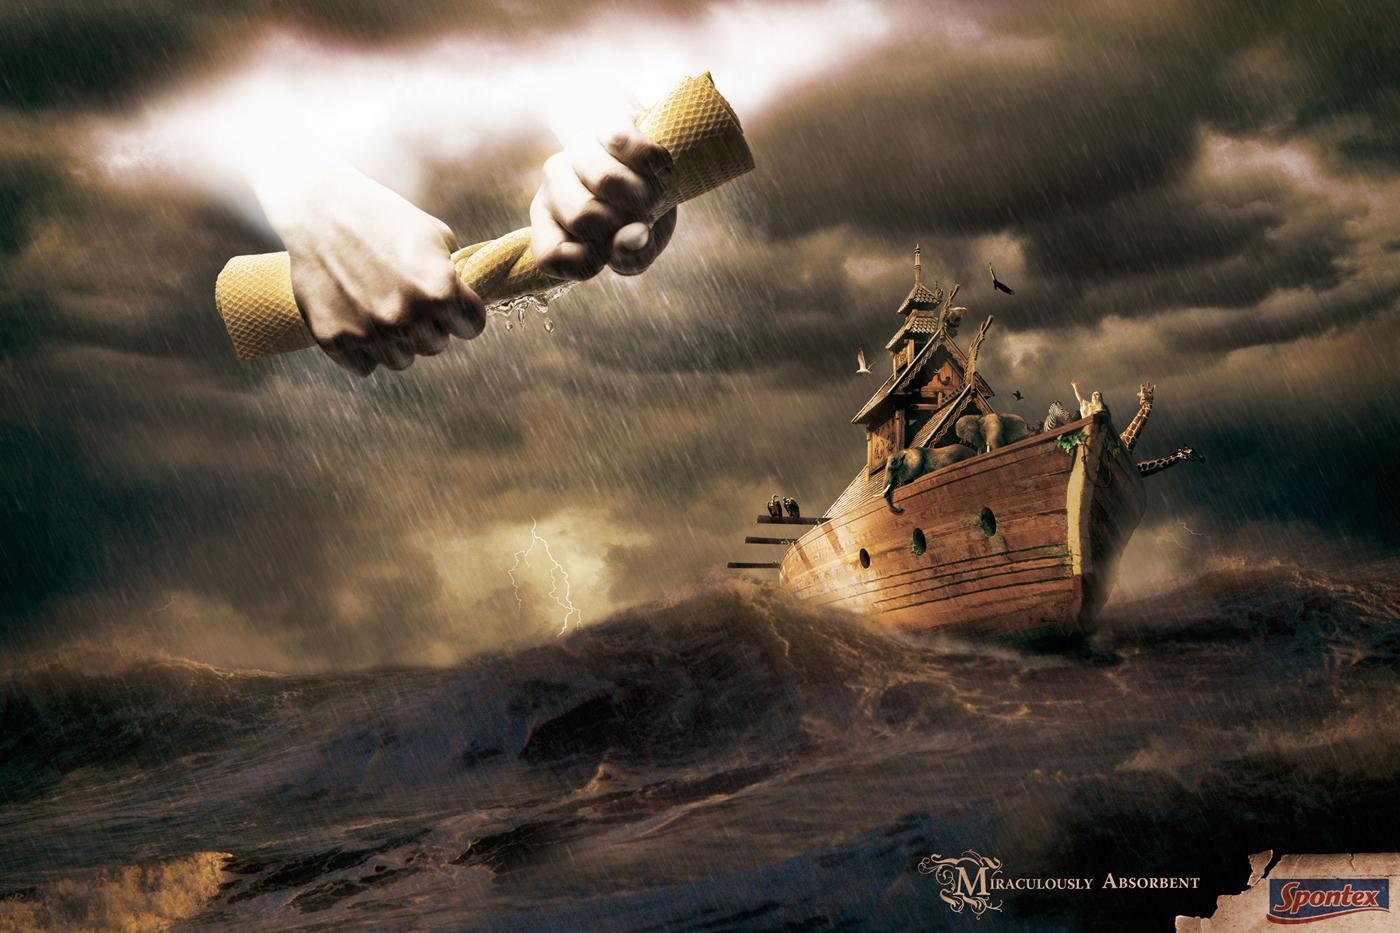 Spontex Print Ad -  Noah's Ark